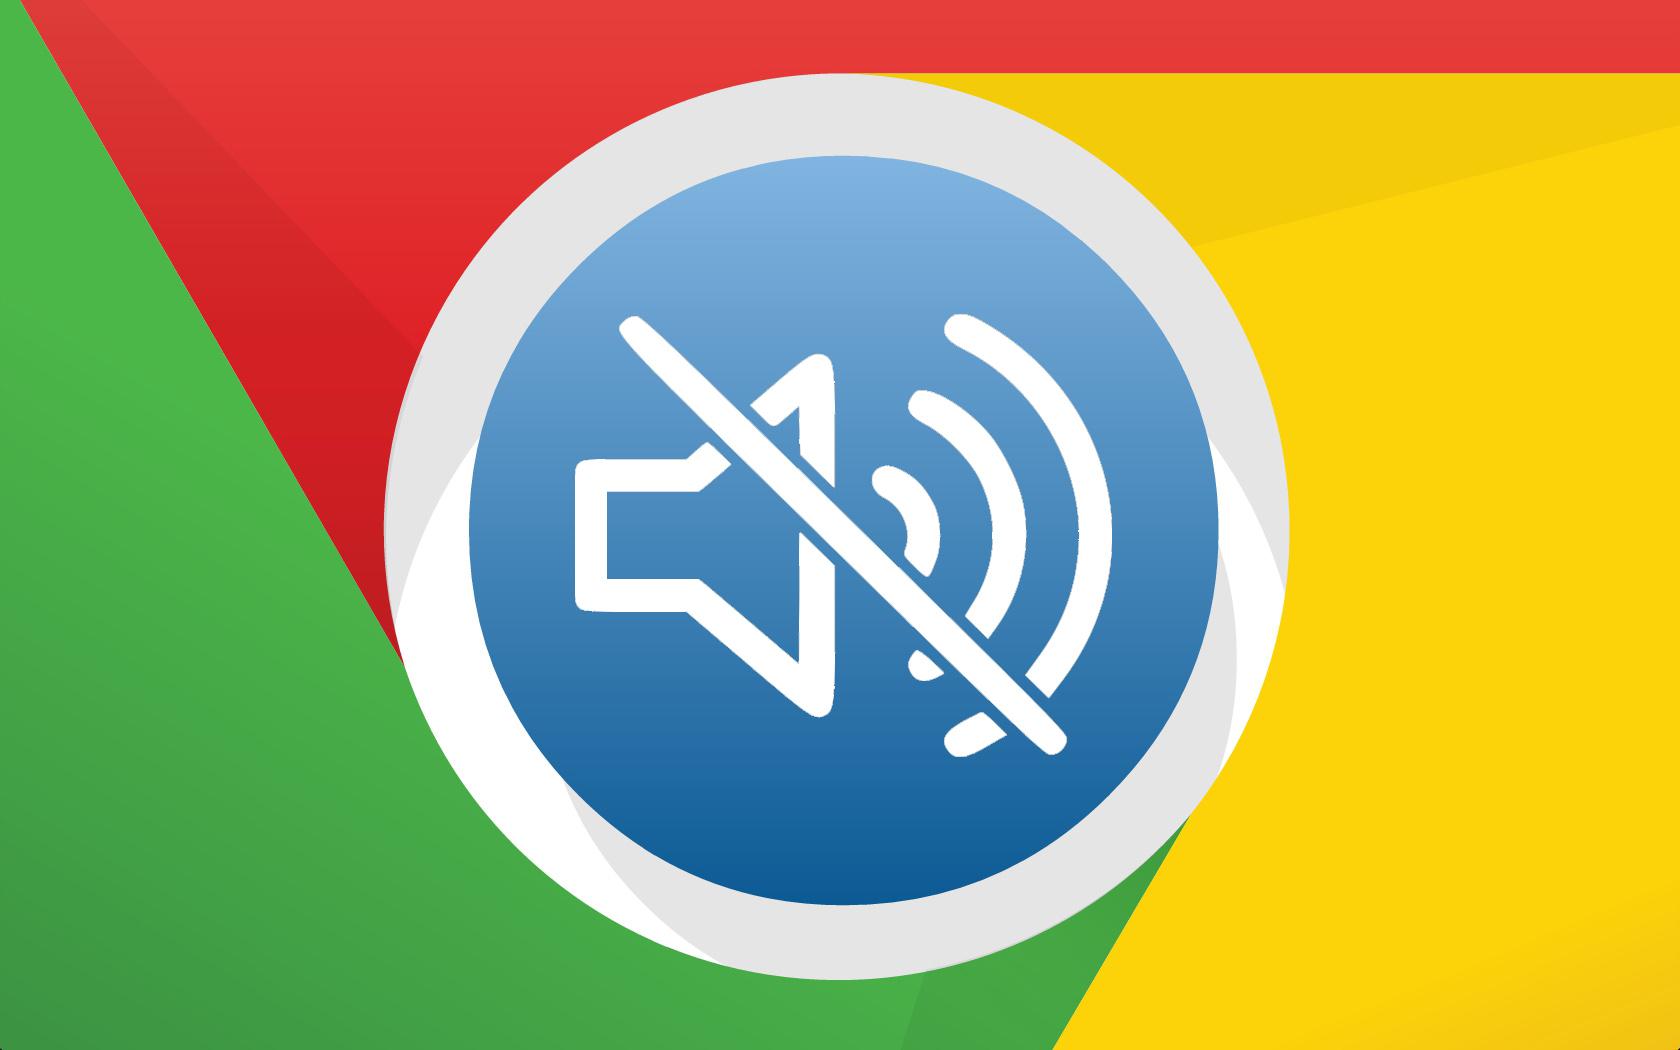 Обновление для Chrome устранило проблему, мешавшую работе онлайн-игр